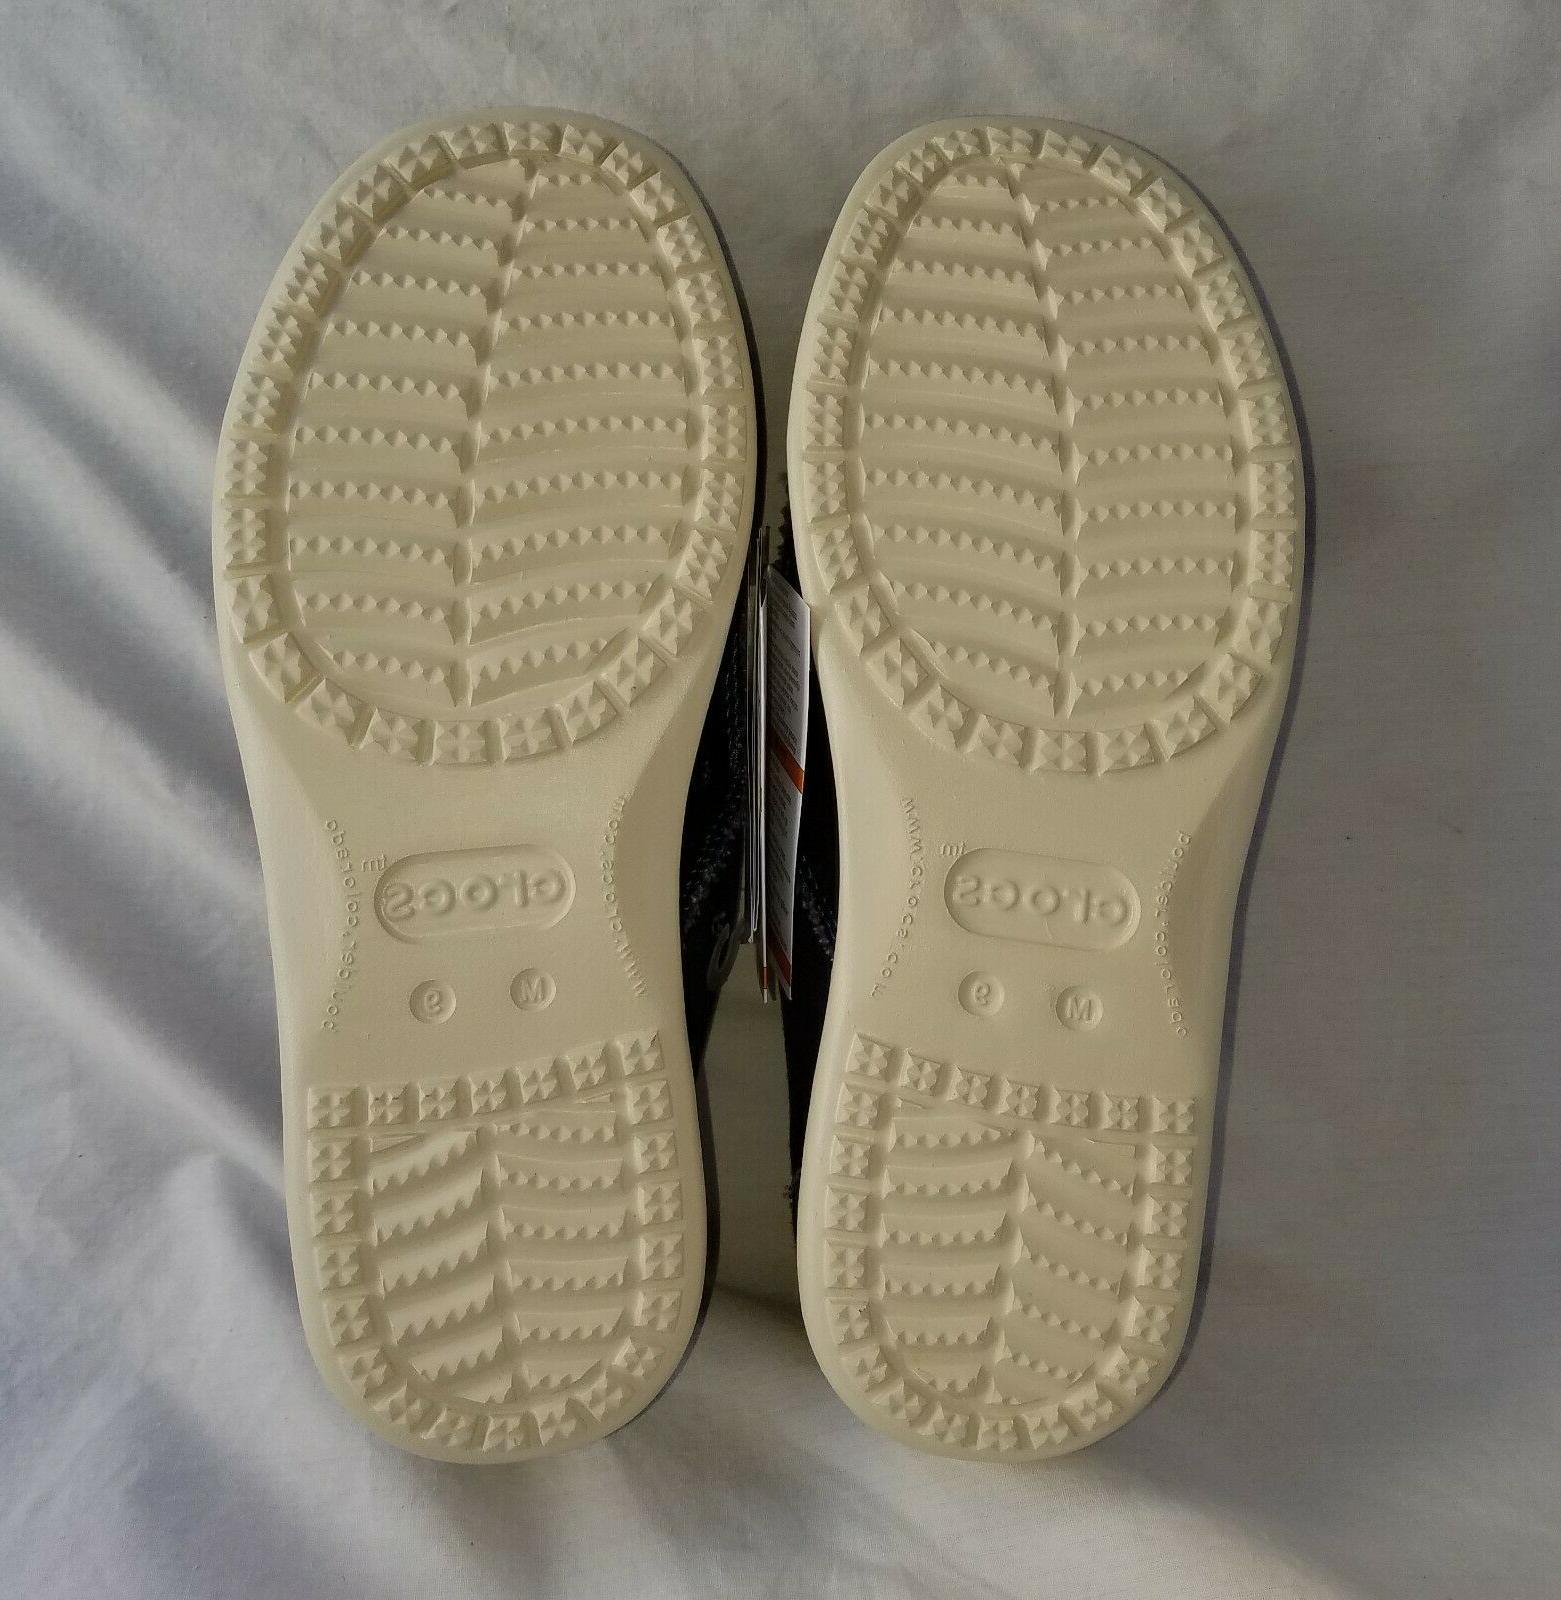 New Men's Crocs Cruz Loafers 10128-46K Navy